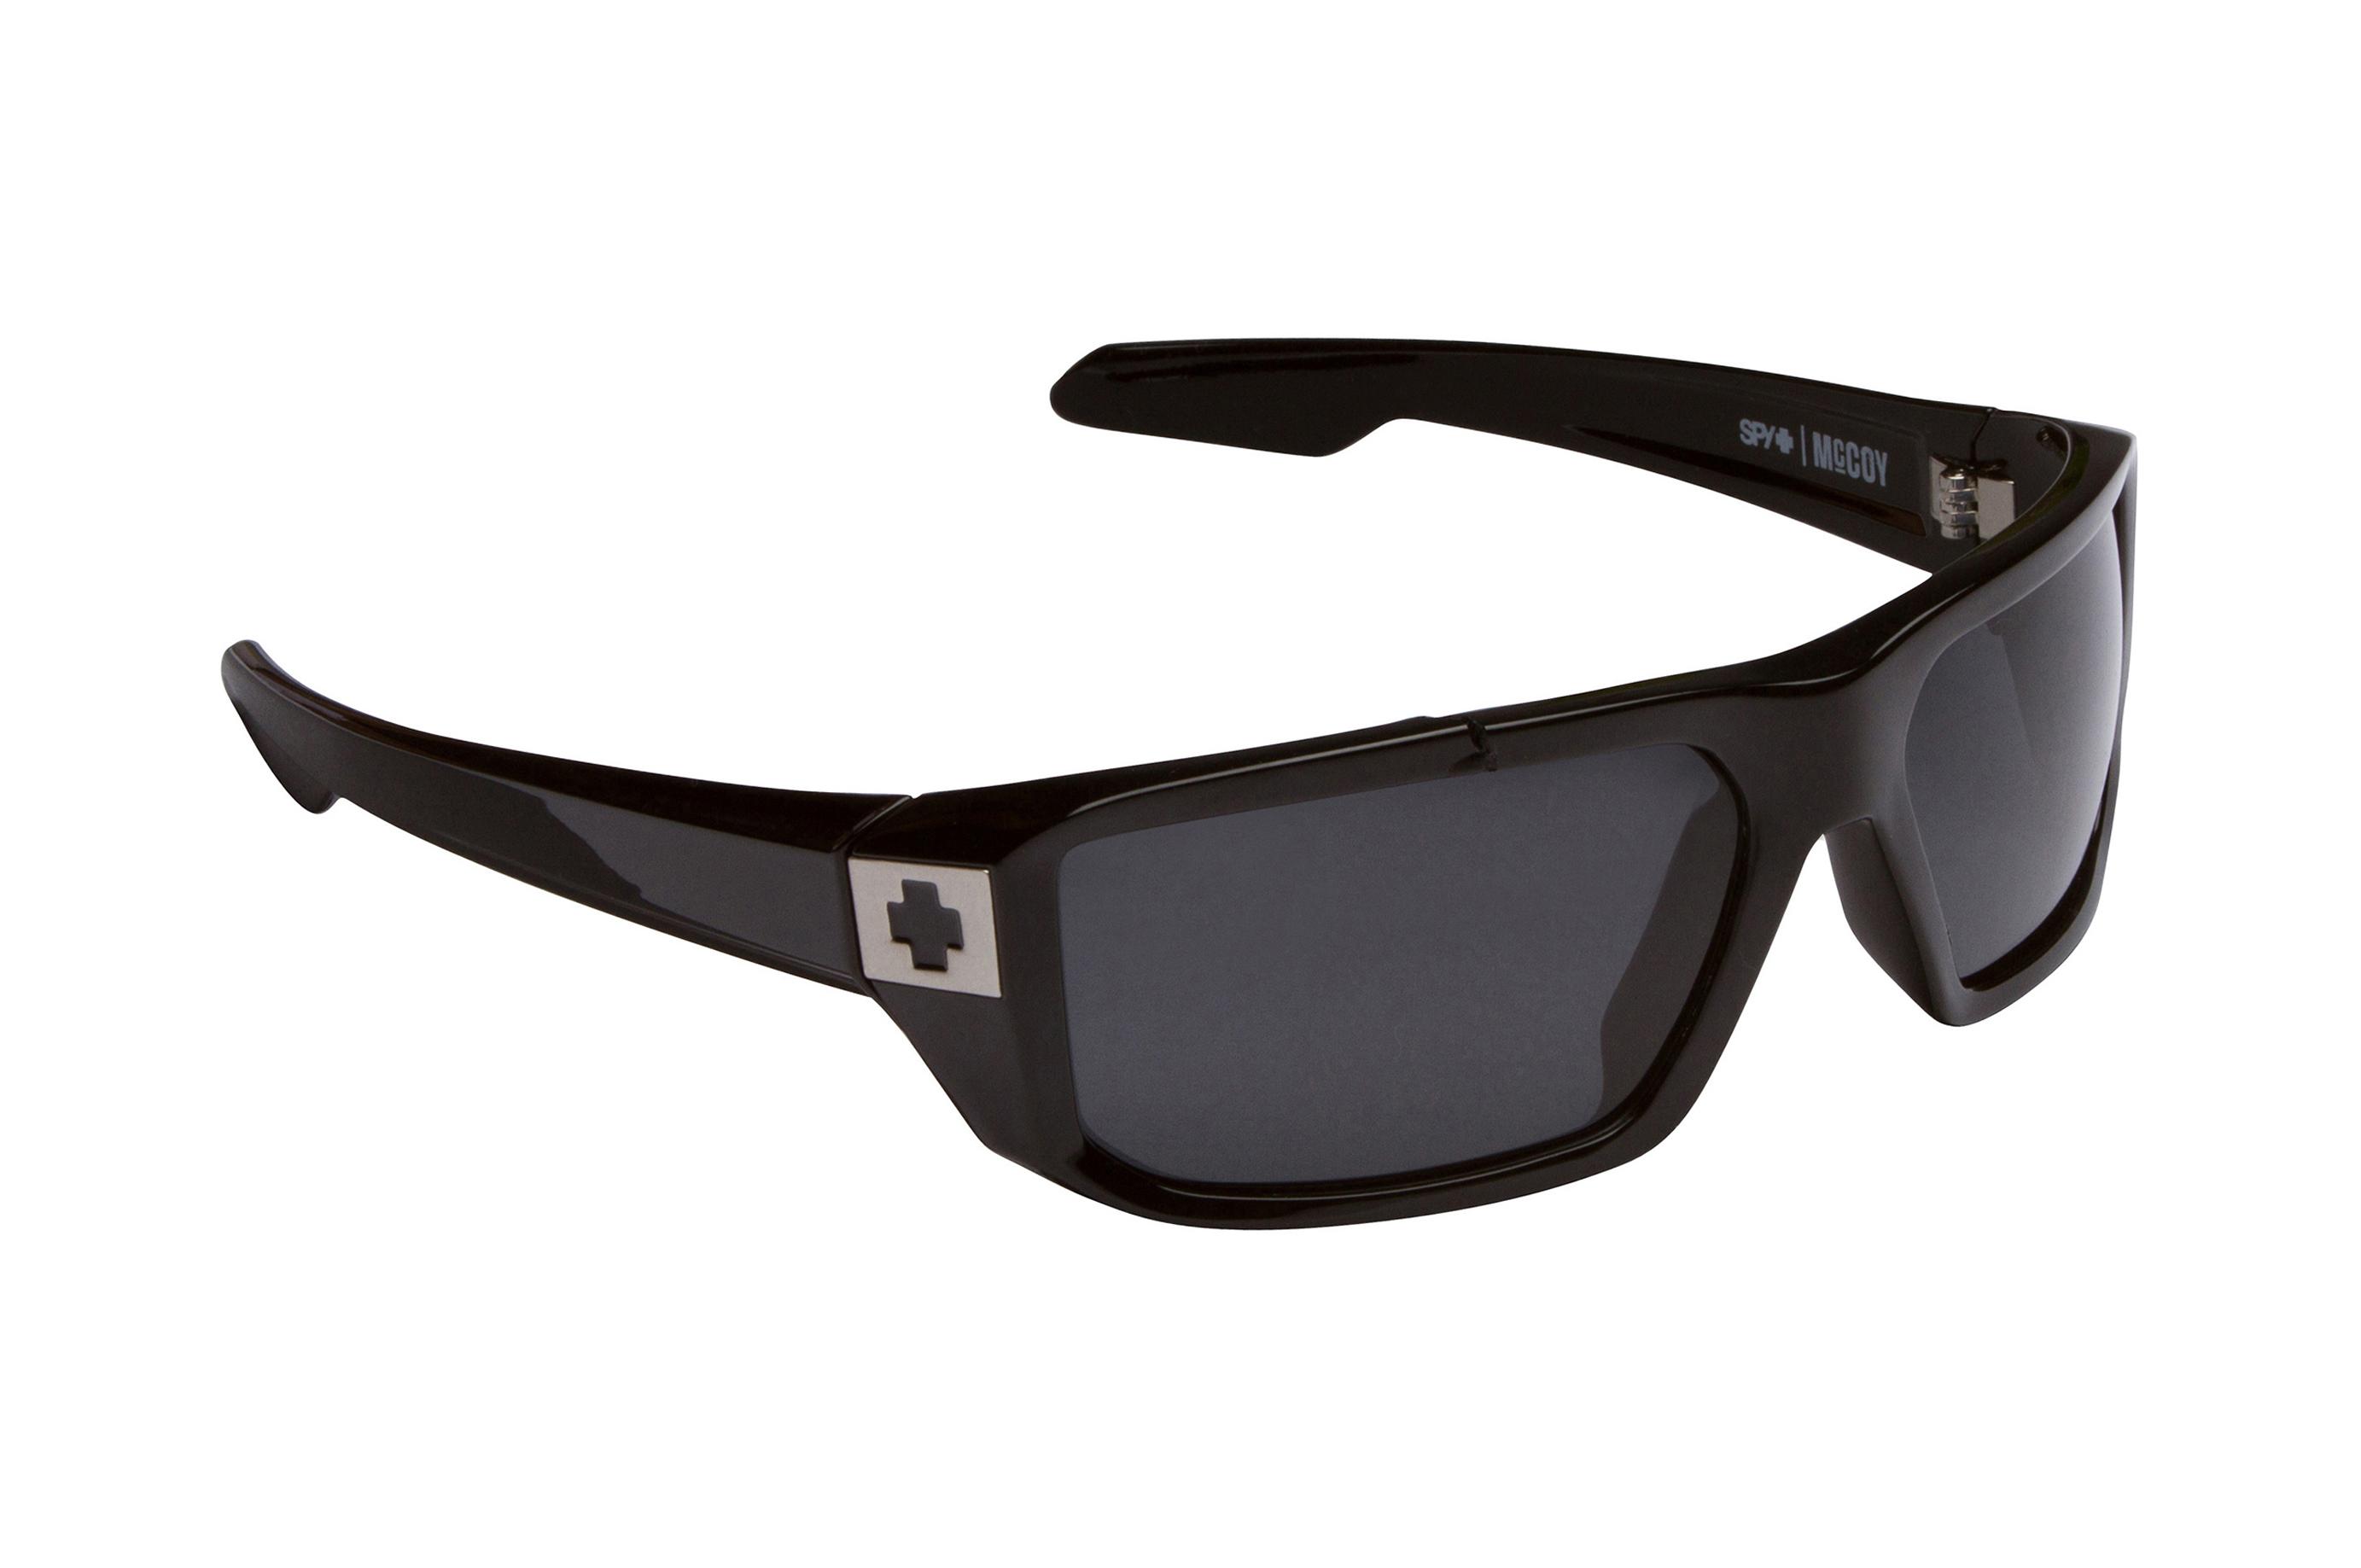 d2ca13a3f310b McCOY Replacement Lenses by SEEK OPTICS to fit SPY OPTICS Sunglasses ...